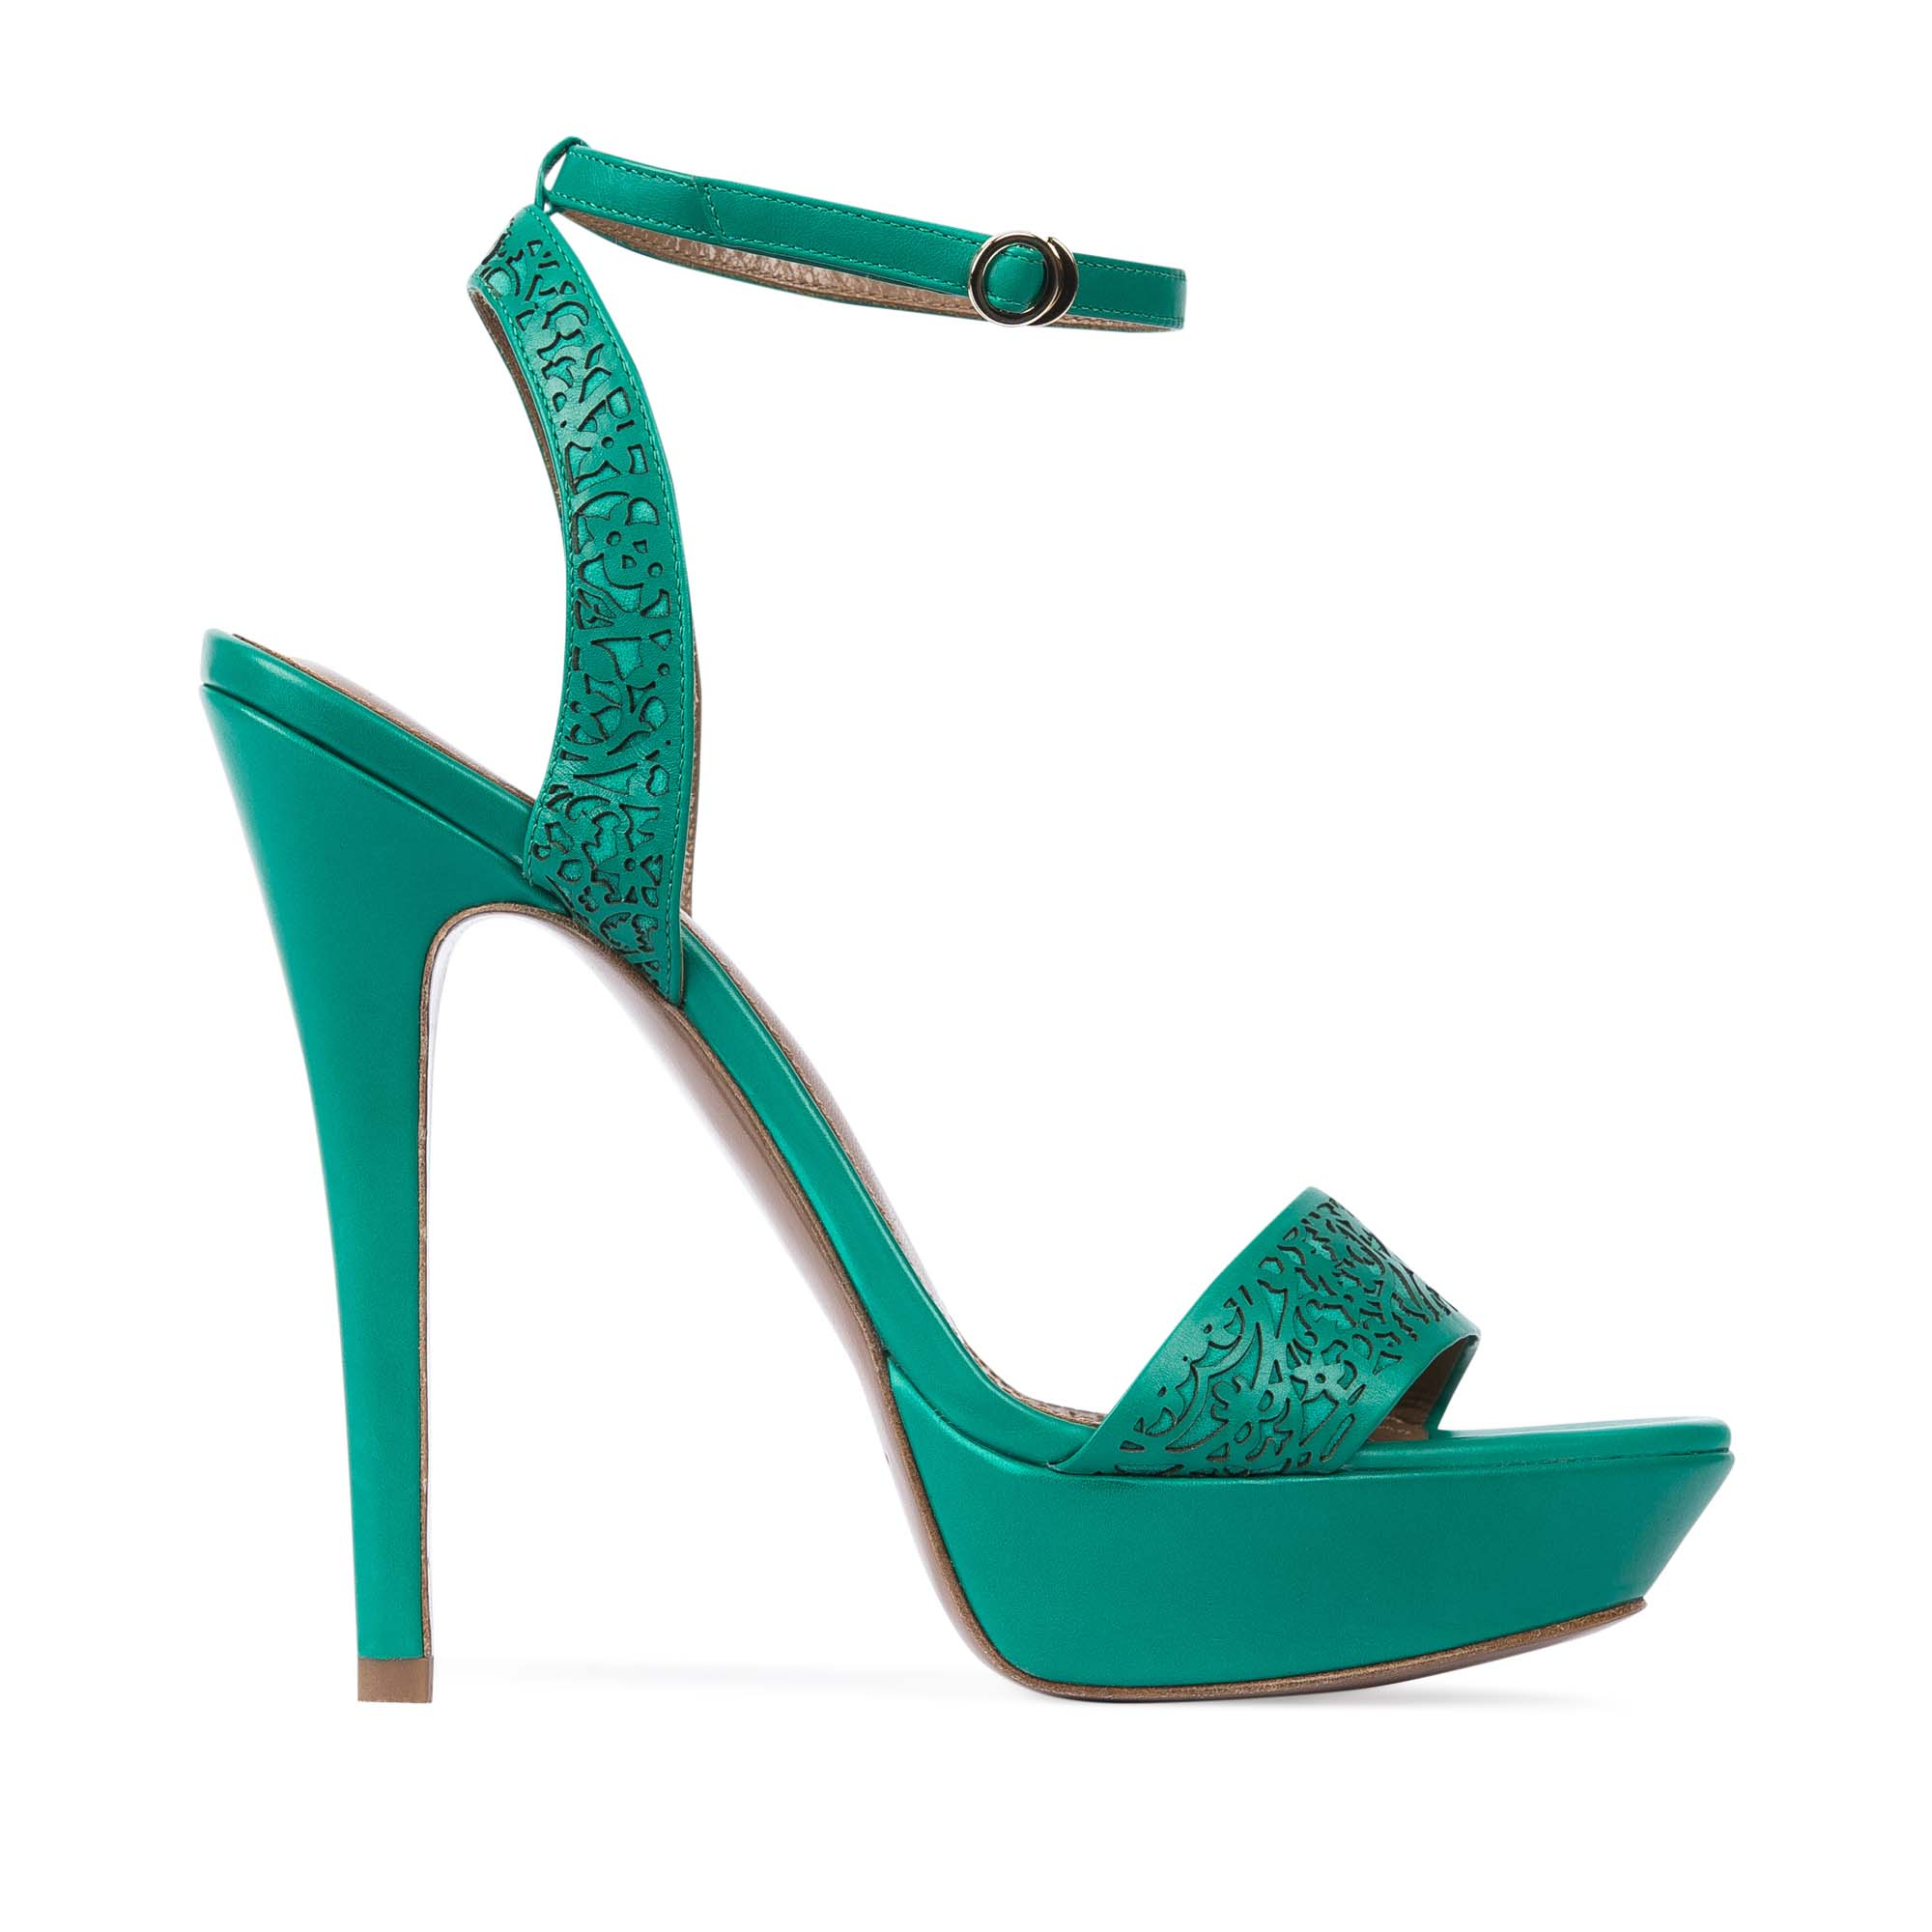 Босоножки изумрудного цвета с закрытой перфорациейТуфли женские<br><br>Материал верха: Кожа<br>Материал подкладки: Кожа<br>Материал подошвы: Кожа<br>Цвет: Зеленый<br>Высота каблука: 13 см<br>Дизайн: Италия<br>Страна производства: Китай<br><br>Высота каблука: 13 см<br>Материал верха: Кожа<br>Материал подкладки: Кожа<br>Цвет: Зеленый<br>Вес кг: 0.52600000<br>Выберите размер обуви: 38